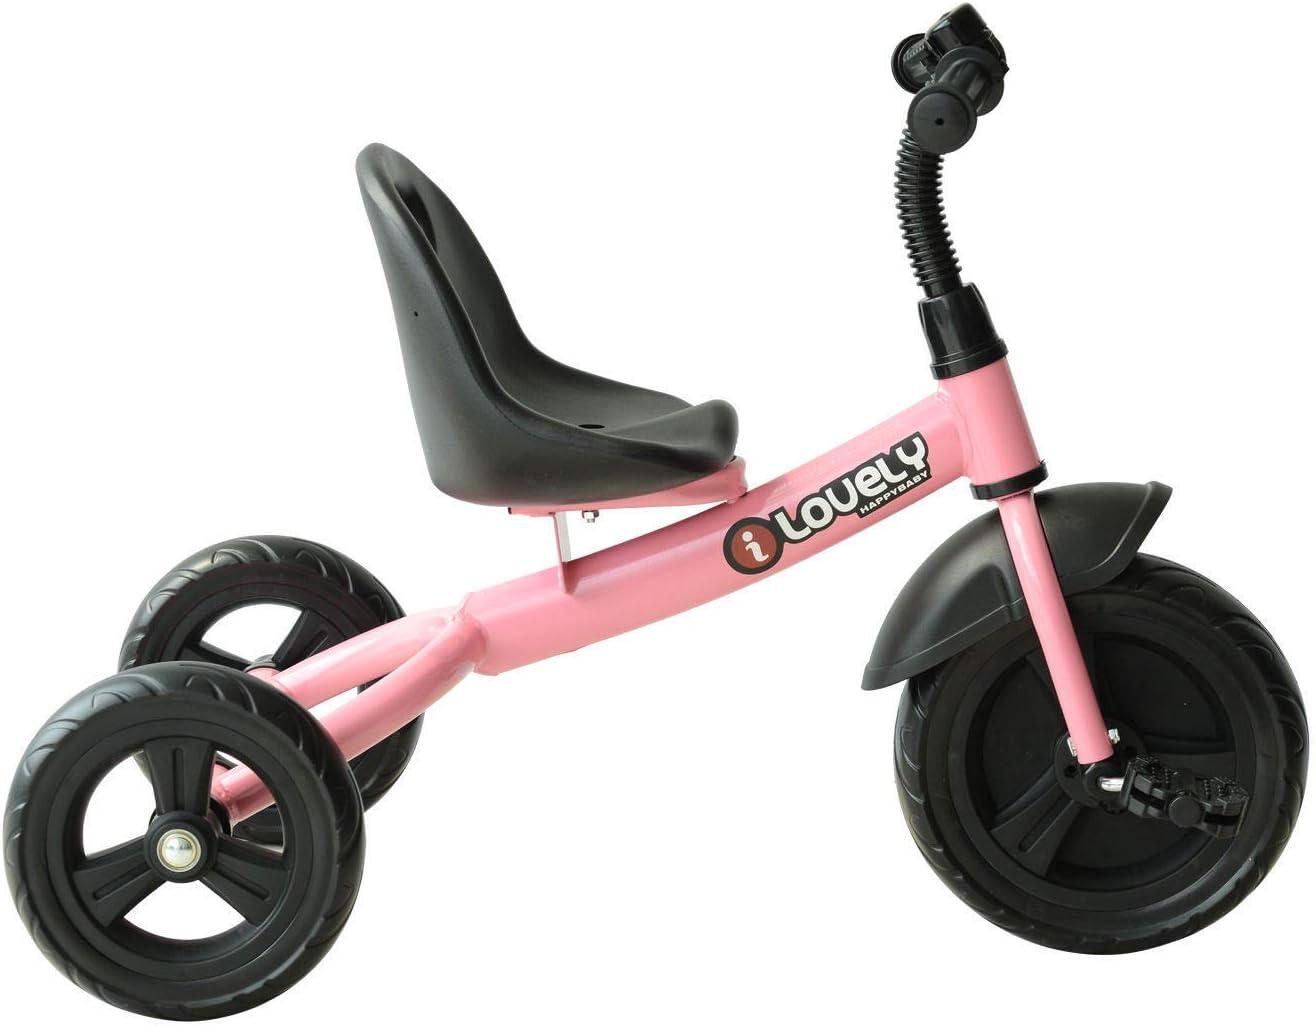 Yuldek – Bicicleta de triciclo para bebés y niños pequeños con 3 ruedas, bicicleta de triciclo para niños pequeños con mango grueso y campana – para niños de 18 meses y más